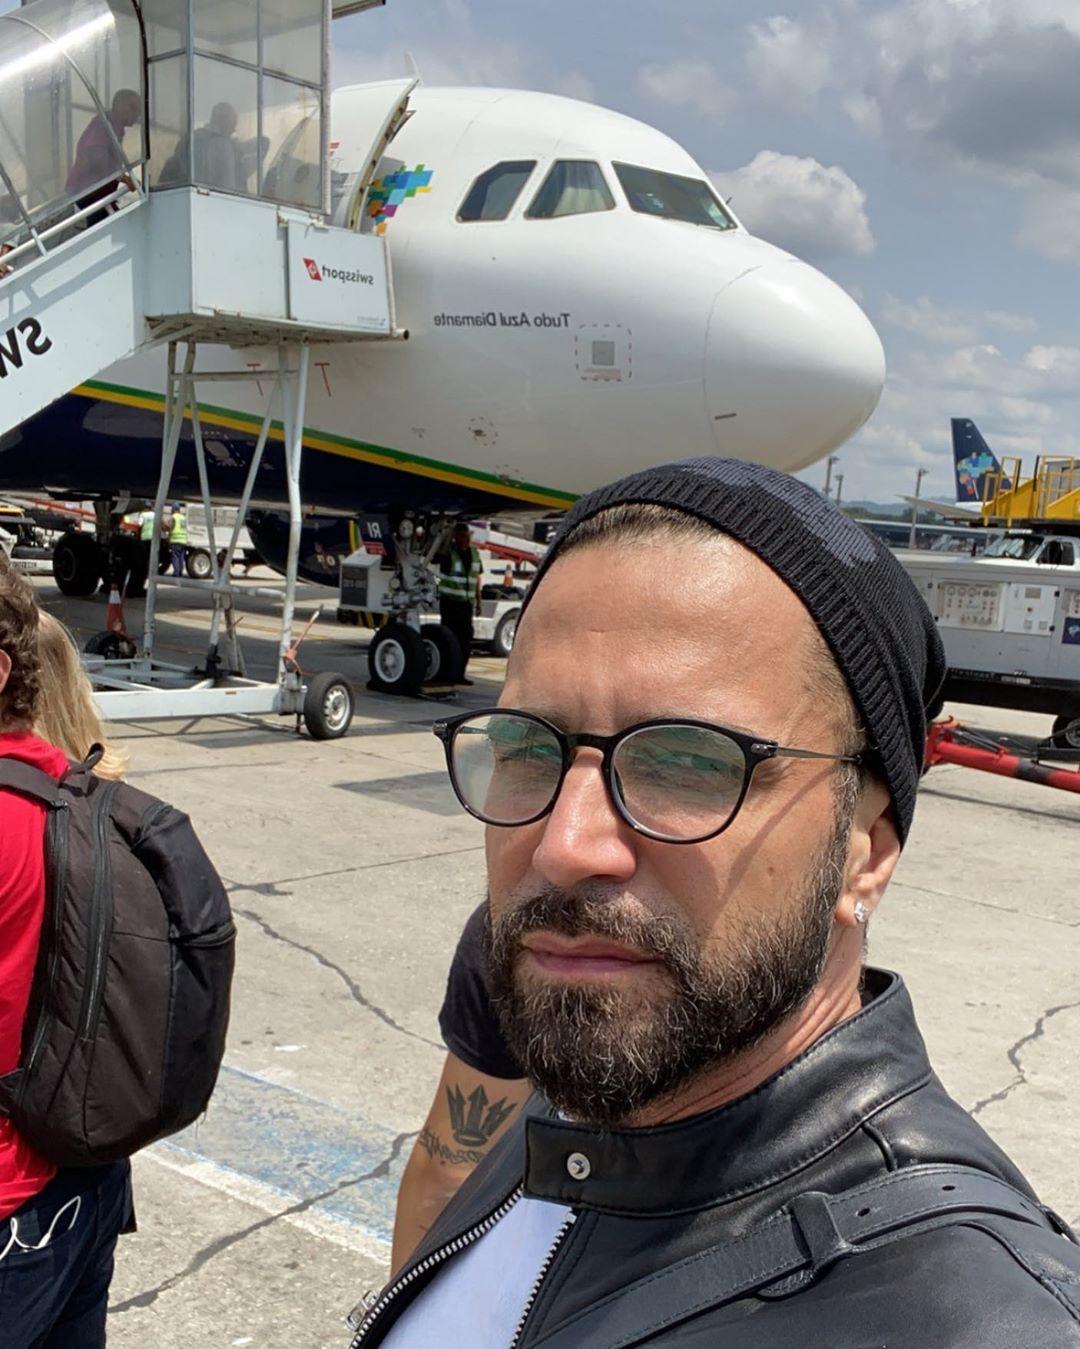 Latino passou por um perrengue durante voo (Foto: Reprodução/Instagram)